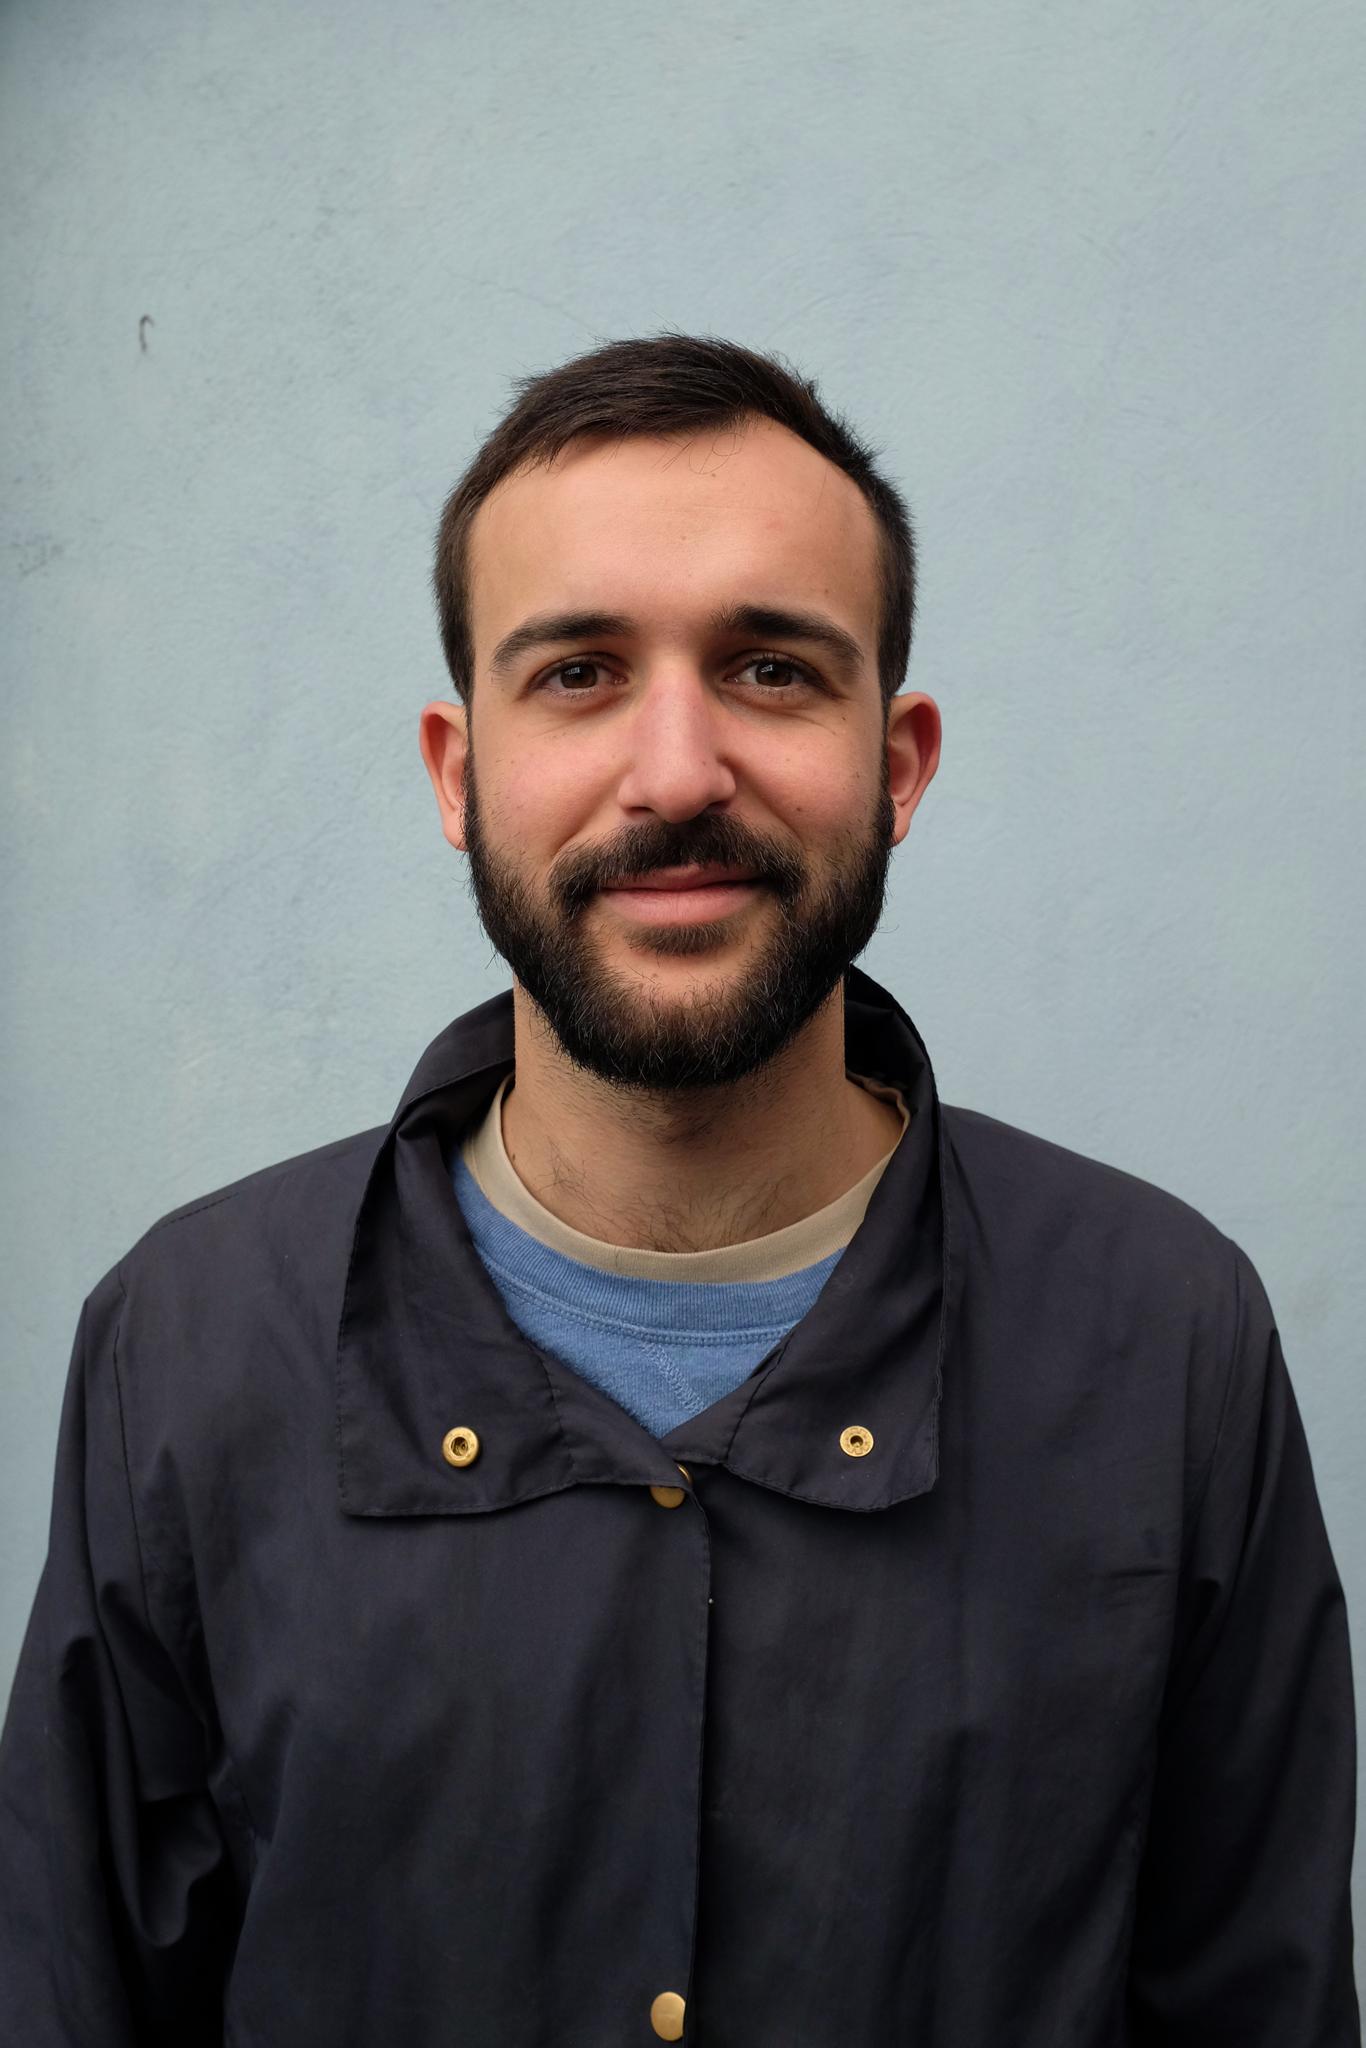 Portrait de Guillaume Sénéchal, co-fondateur de Maison·g, agence en conseil et direction artistique à Lyon, France, spécialisée dans la conception de projets artistiques et en communication par l'art.